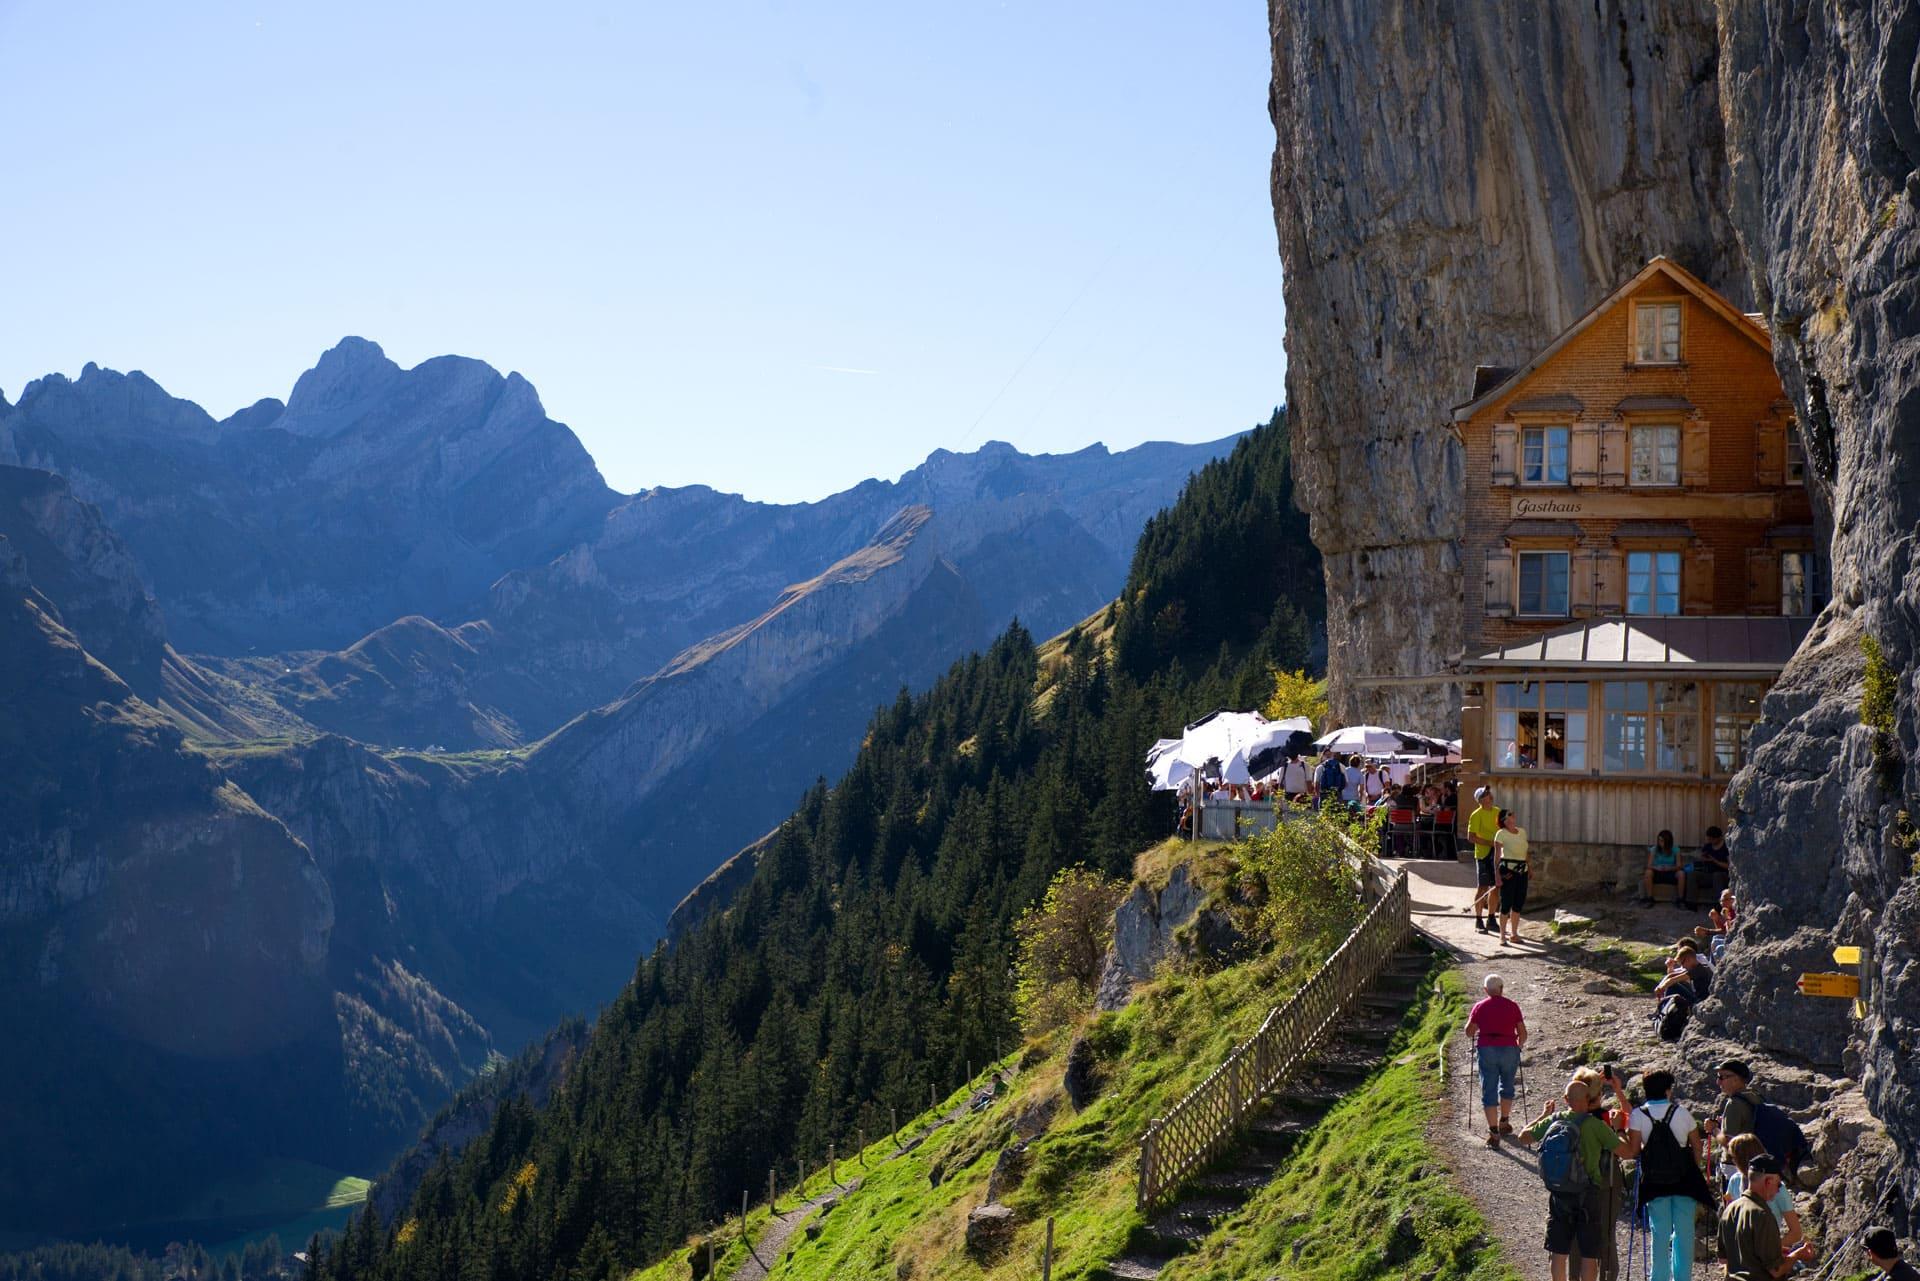 Berggasthaus Aescher Appenzell Switzerland